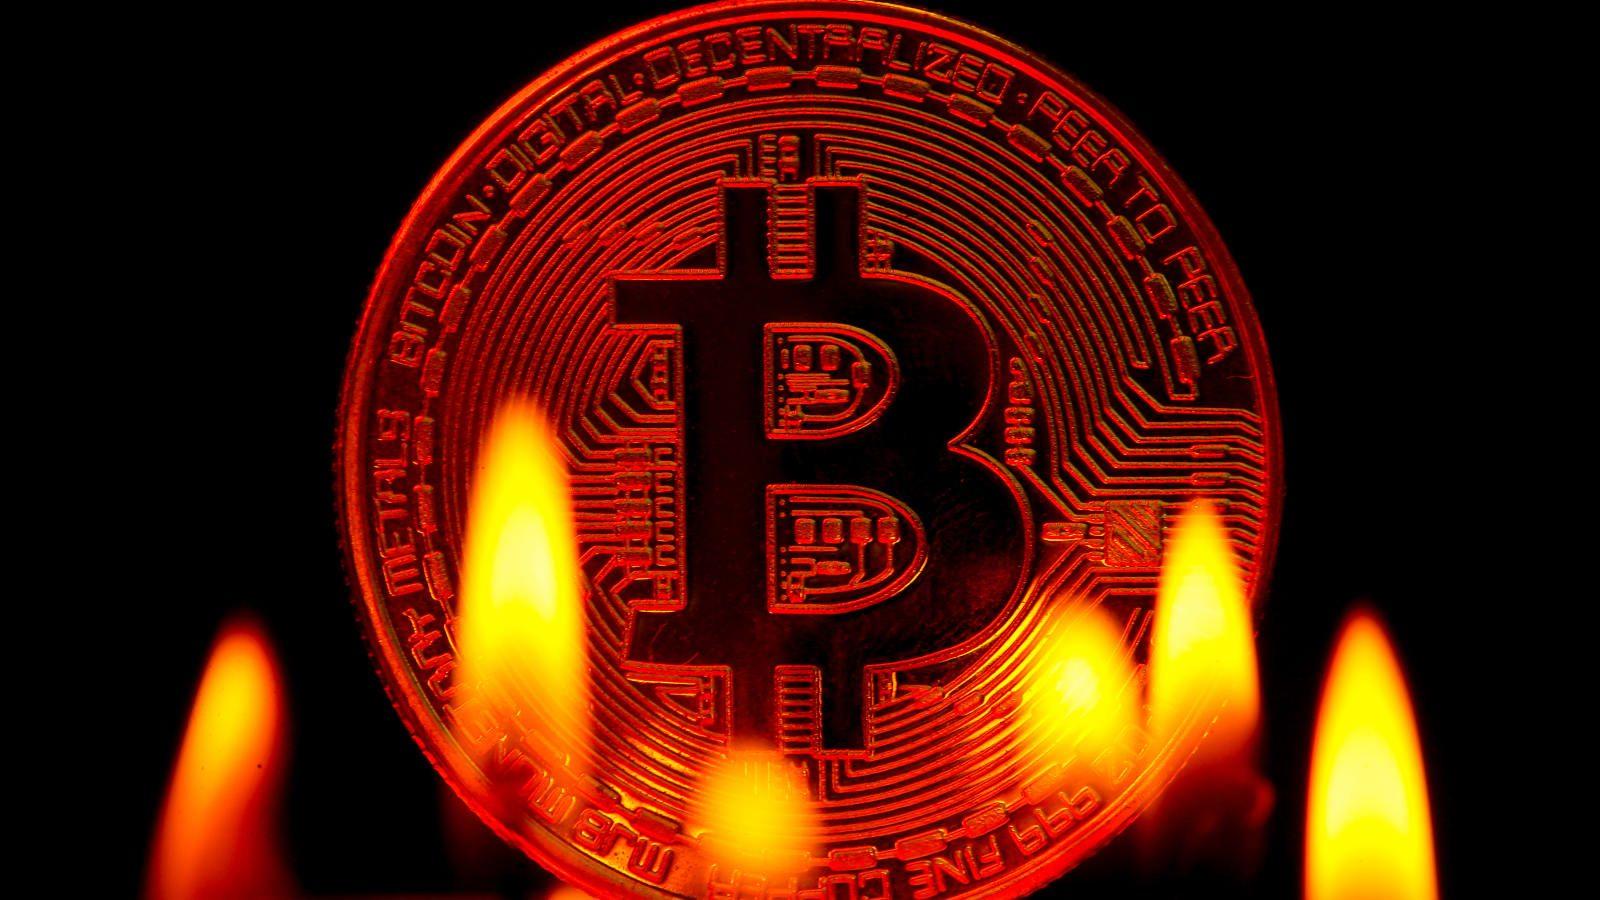 giá bitcoin: Bitcoin tiếp tục giảm dưới 6.000, lo ngại bao trùm thị trường